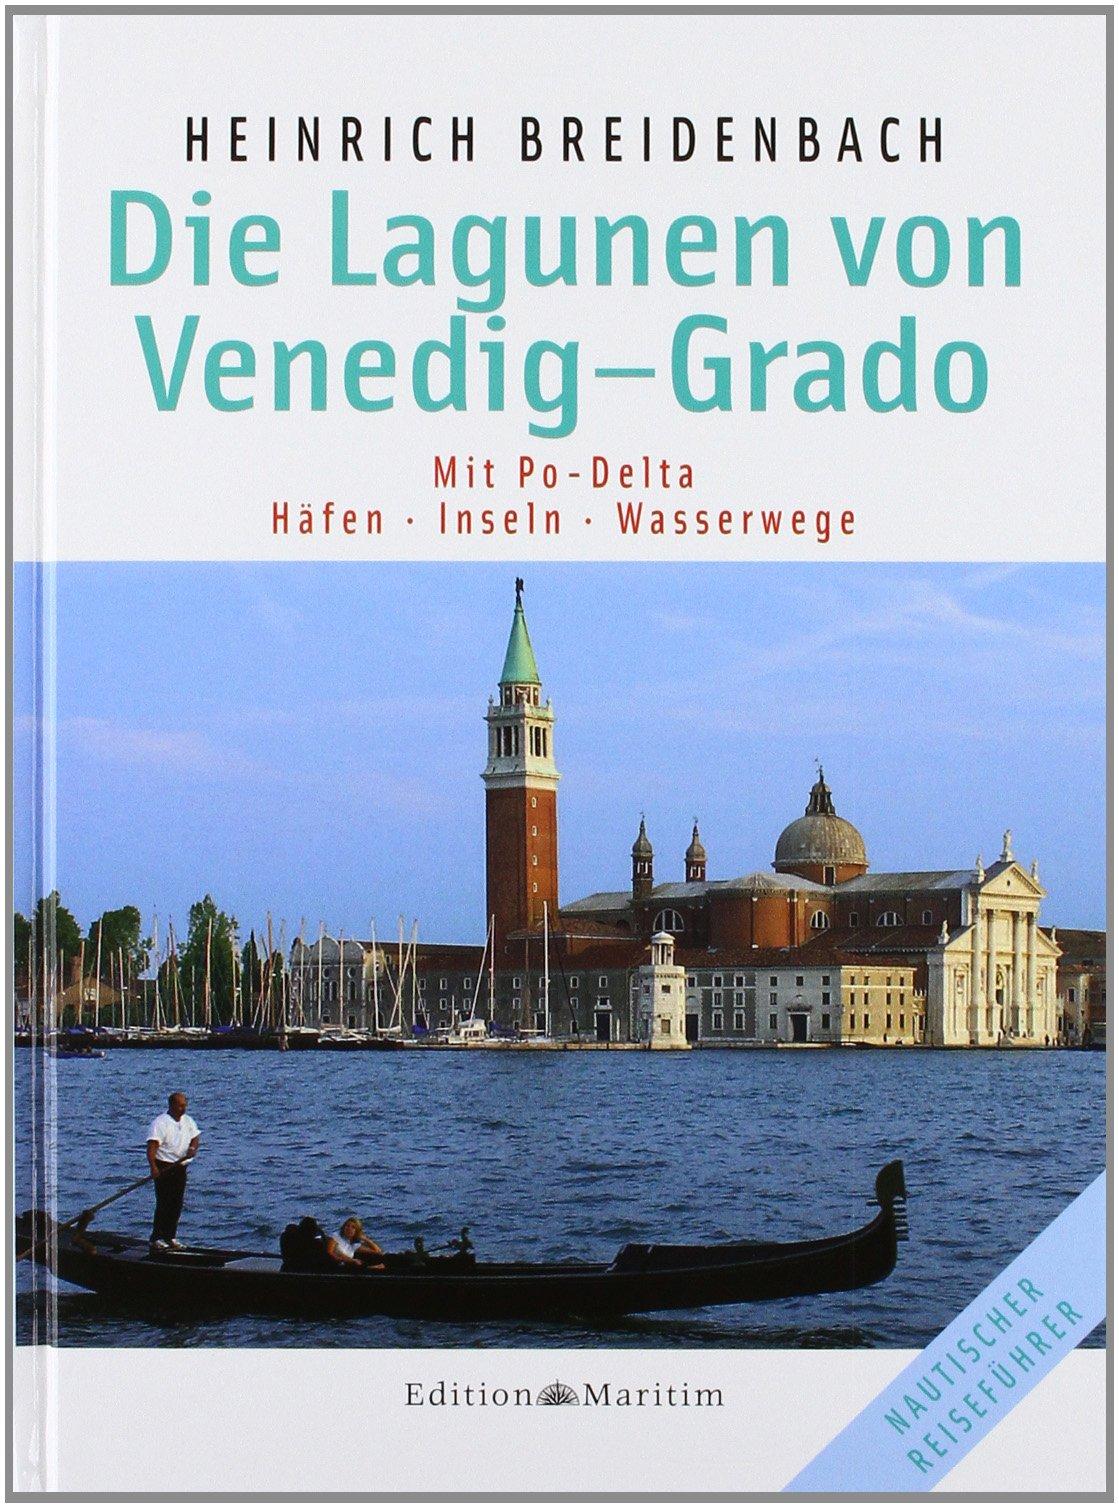 die-lagunen-von-venedig-grado-mit-po-delta-hfen-inseln-wasserwege